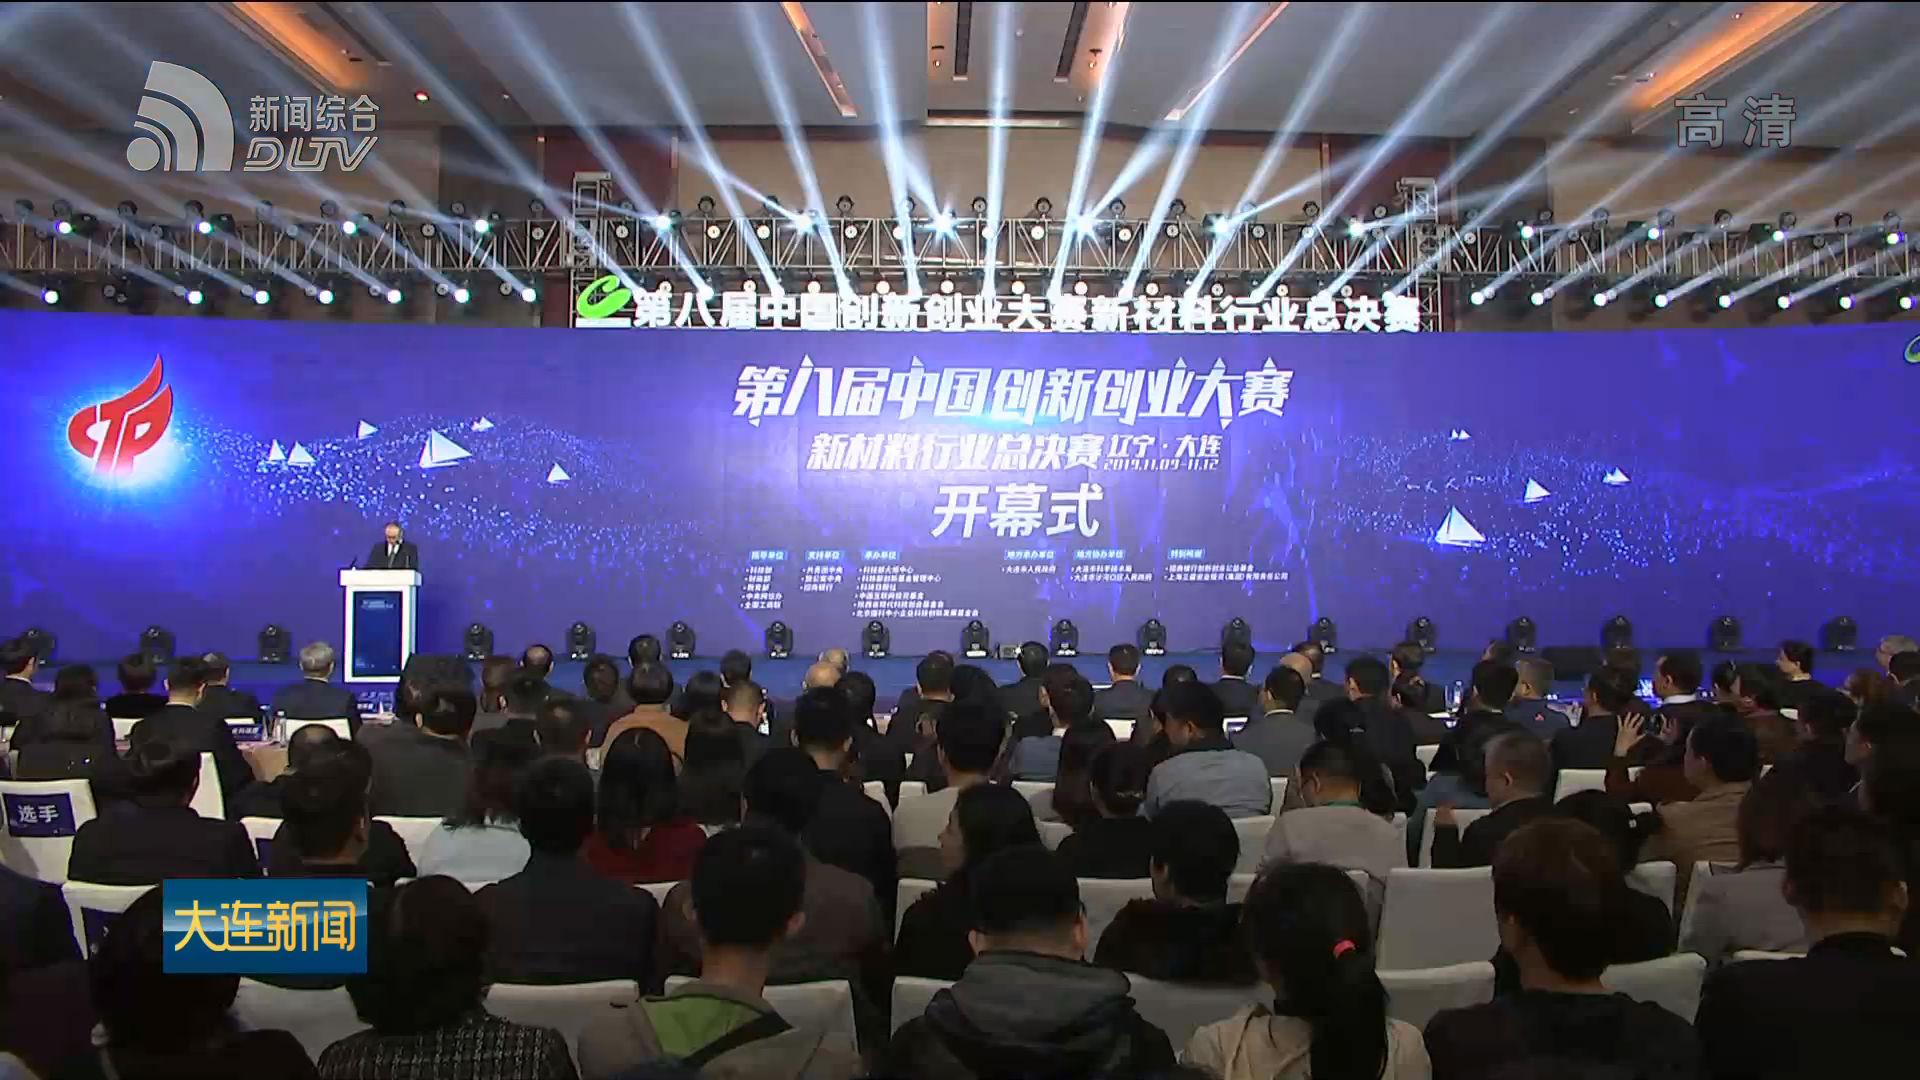 第八届创新创业大赛新材料行业总决赛开幕